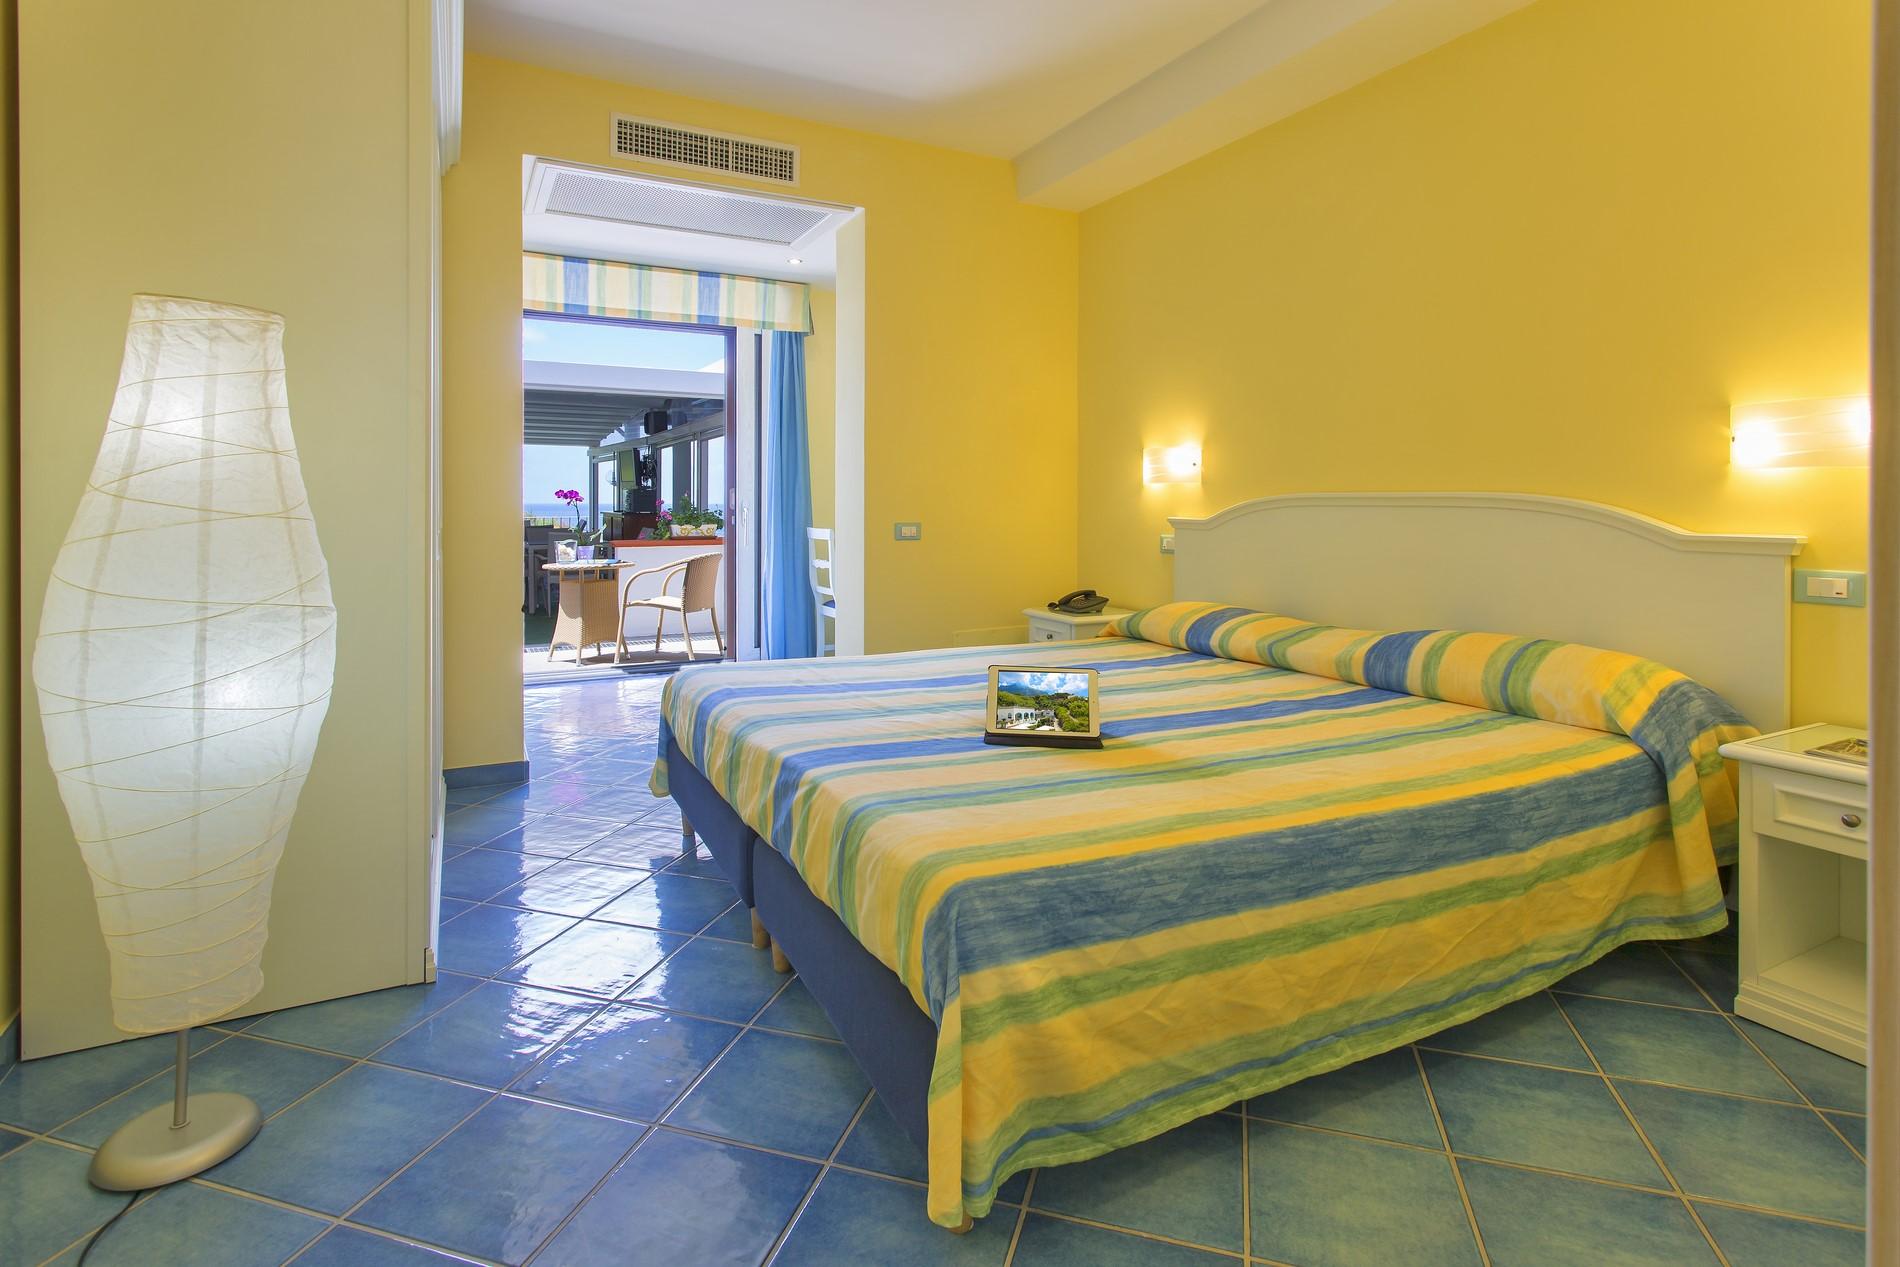 http://www.hotelcavadellisola.it/wp-content/uploads/2016/02/confort2-Copia.jpg